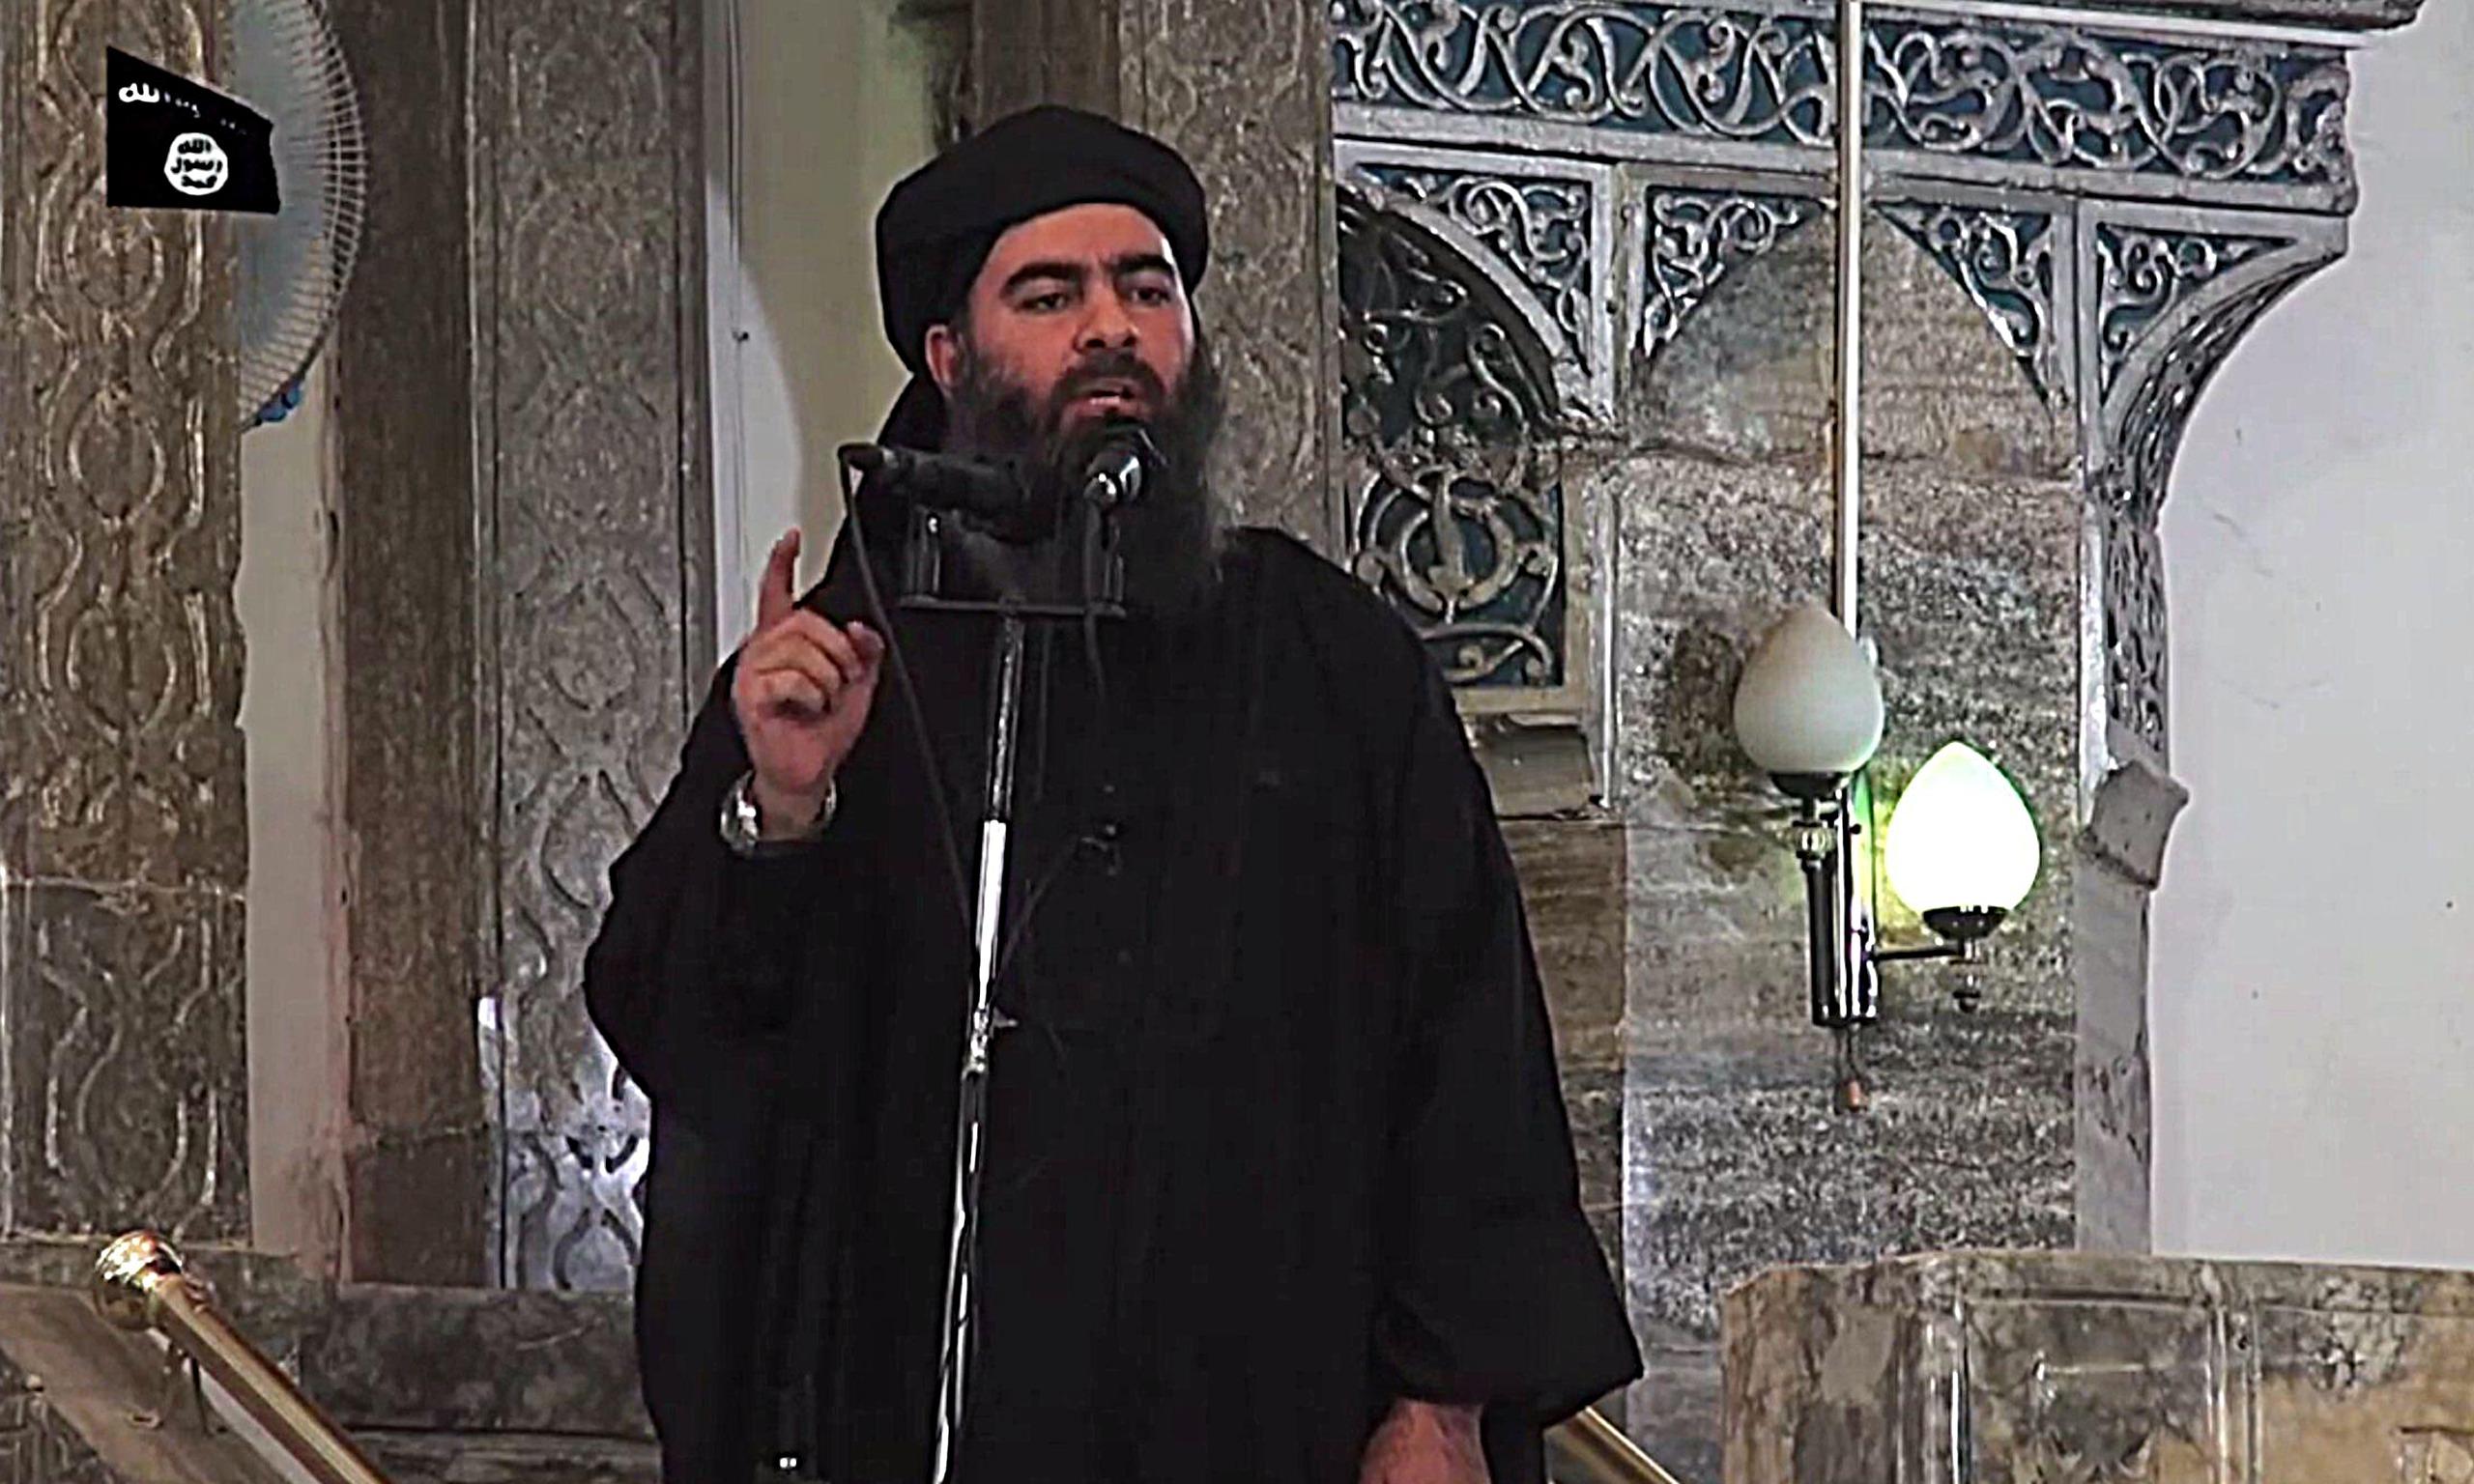 Abu Bakr al Bagdadi: self styled caliph